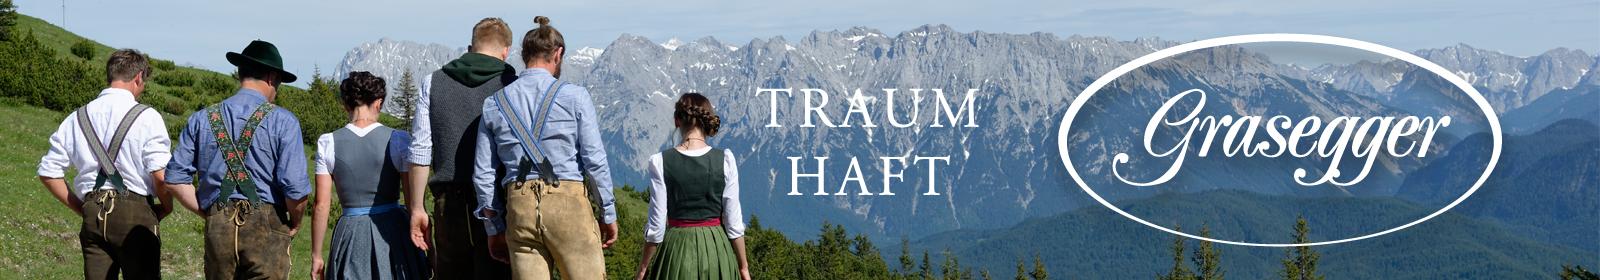 Grasegger. Ihr Haus für Tradition und Gegenwart. Garmisch-Partenkirchen